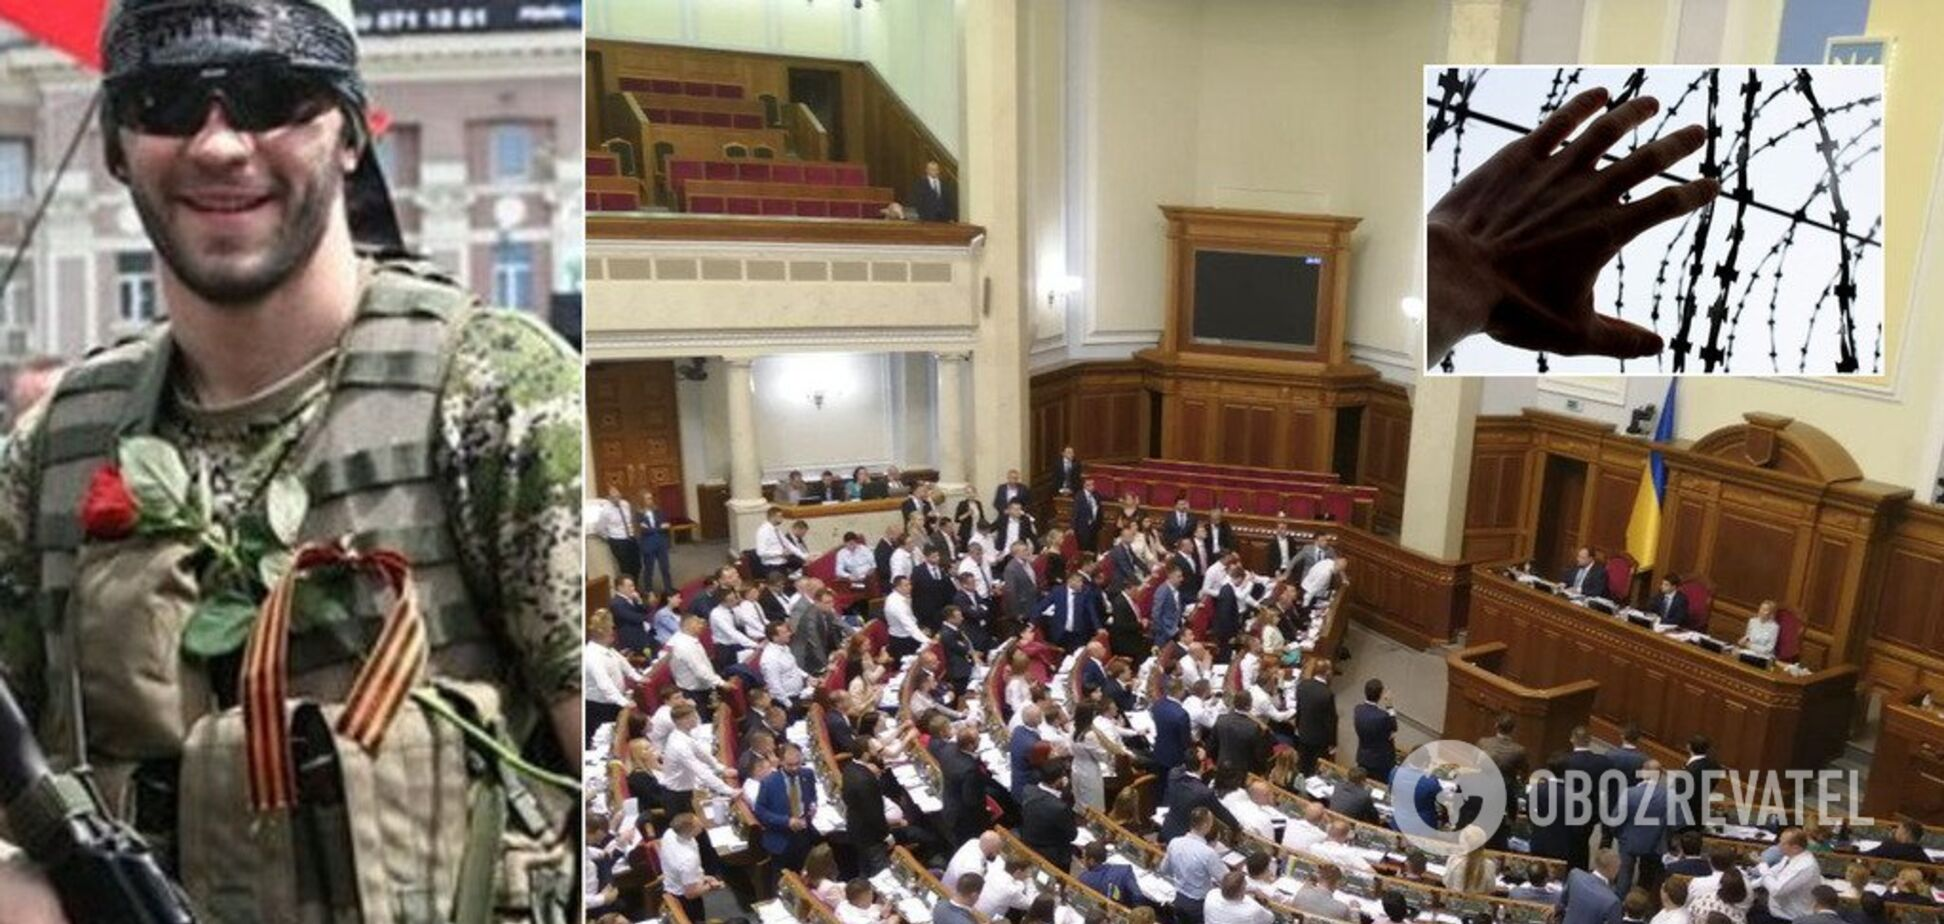 'Ви зробили це разом!' Раді запропонували амністію для 'Л/ДНР'